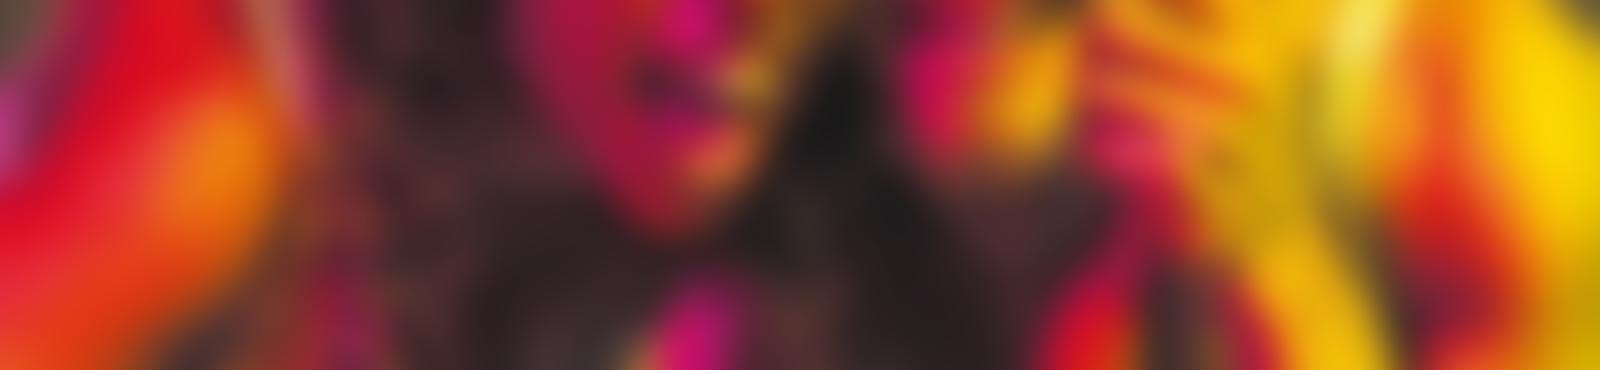 Blurred cff49ac5 2429 496e 9973 316974c8098d